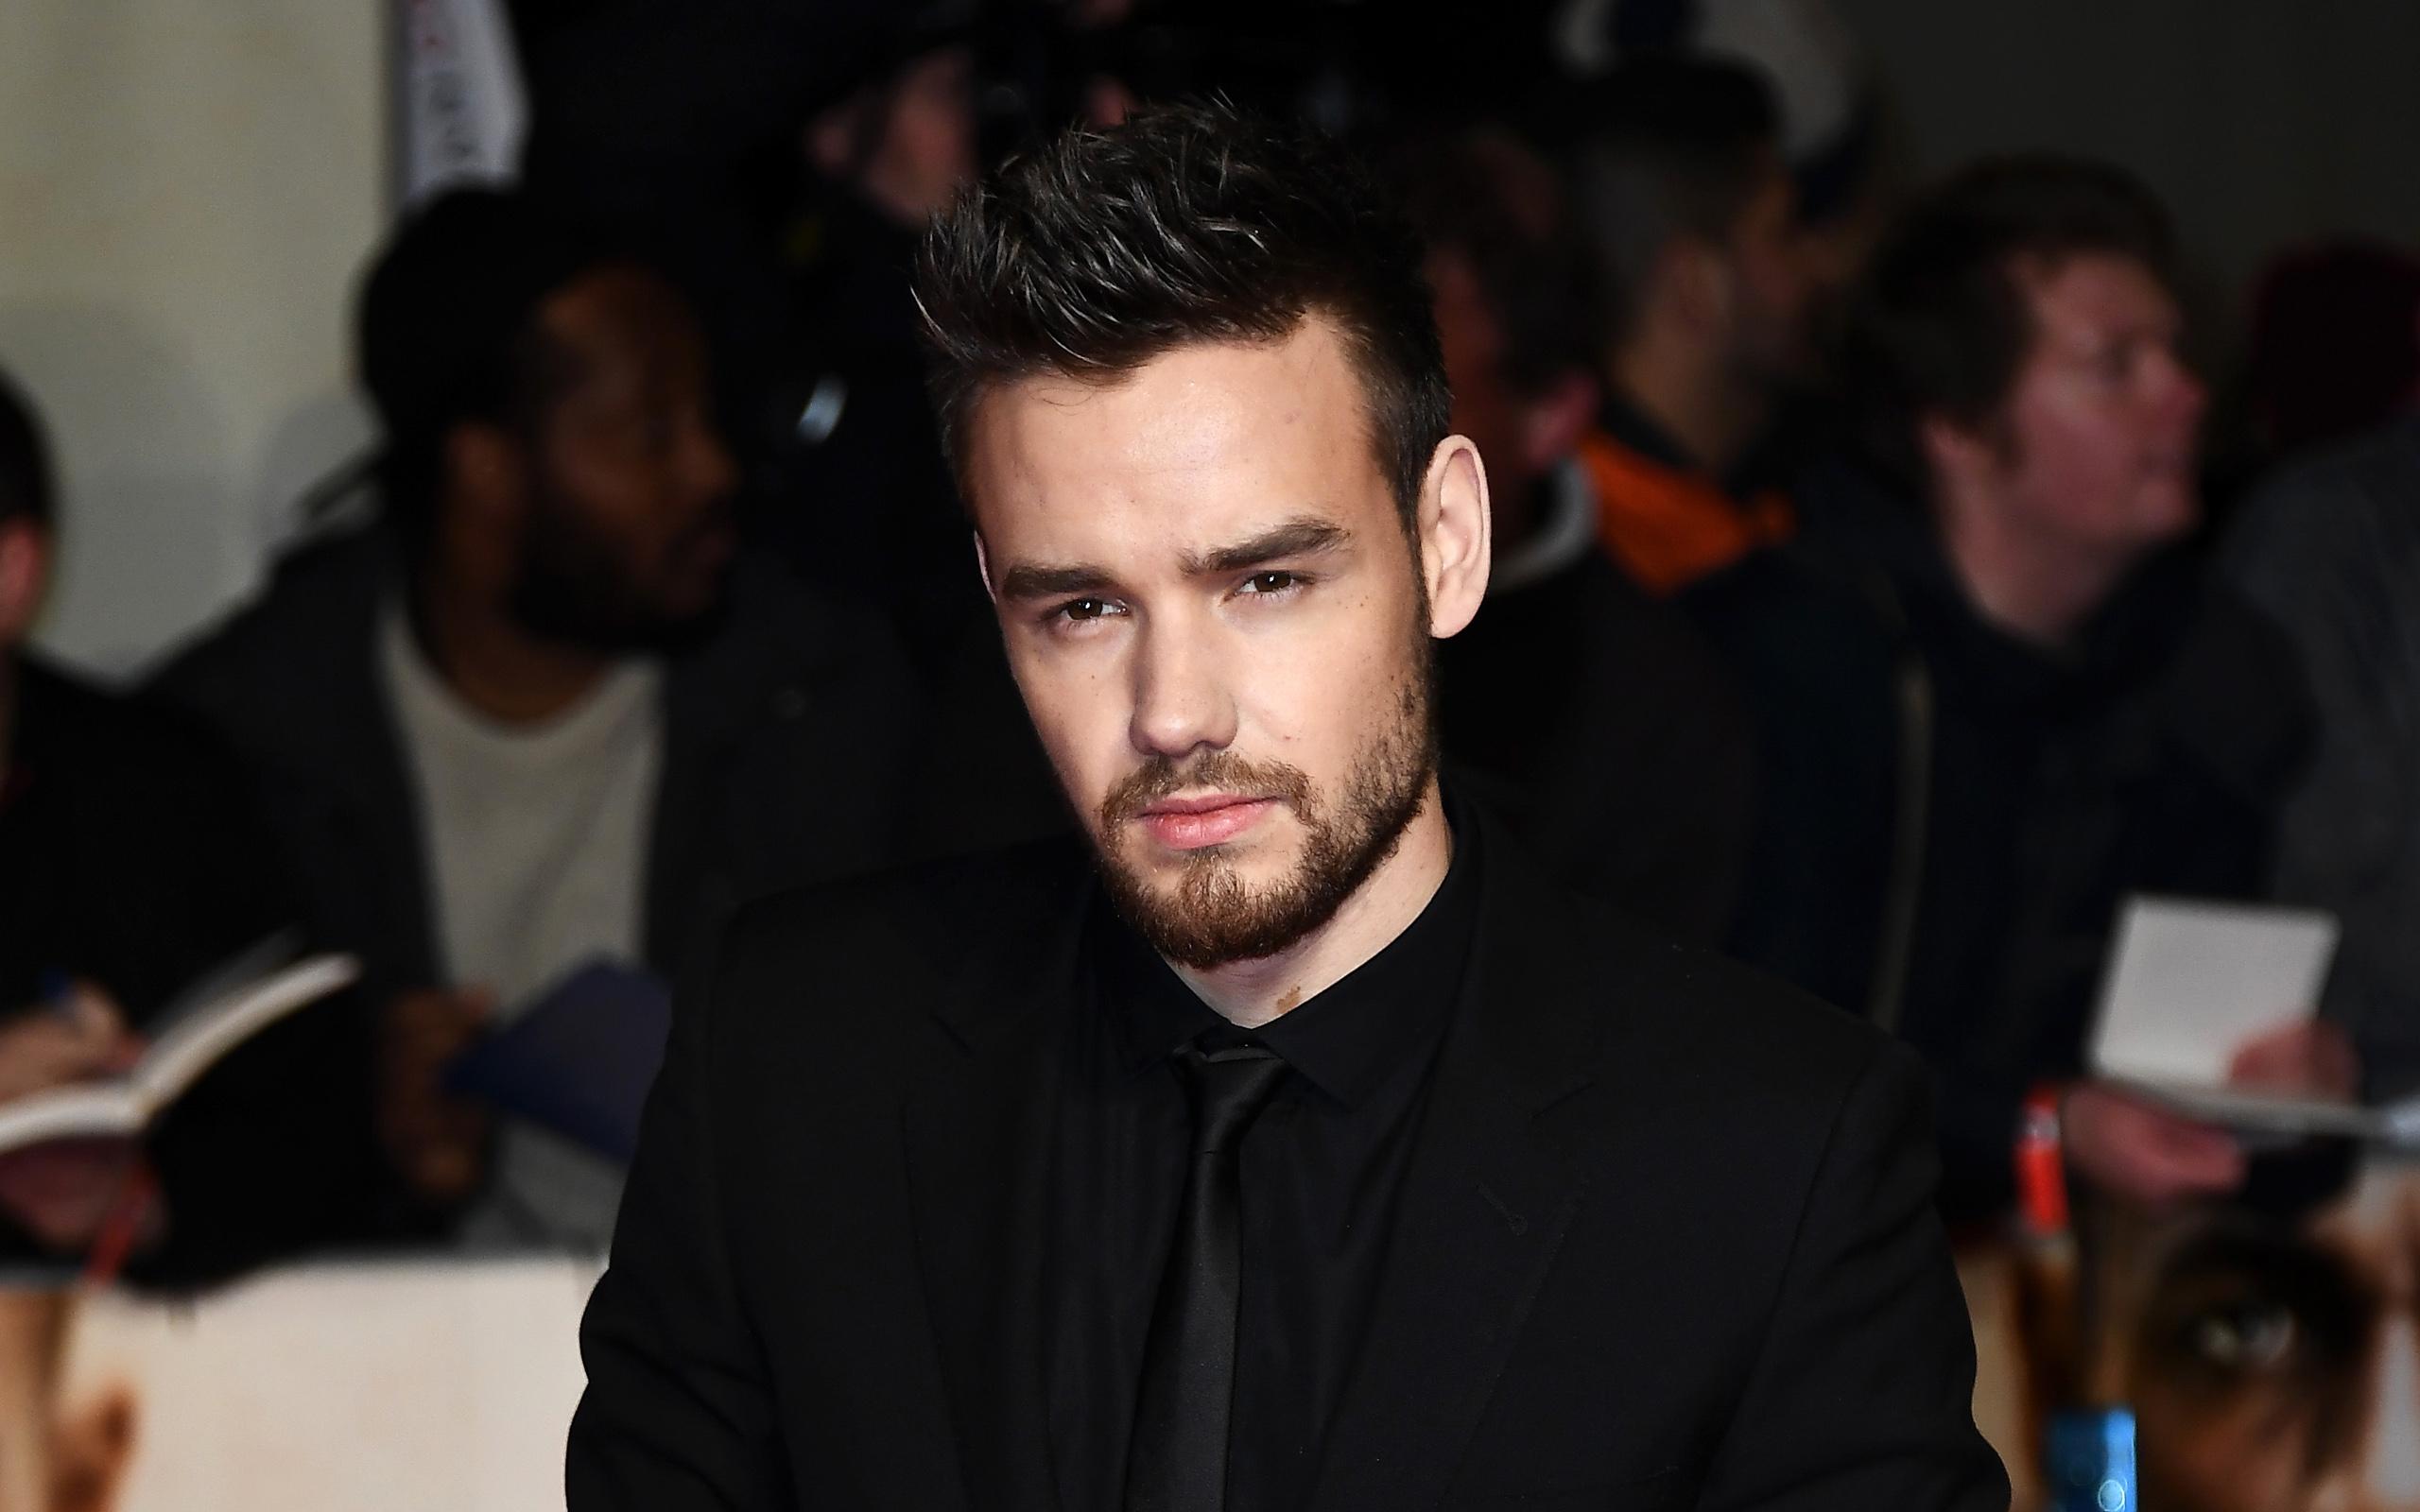 Liam Payne, Portrait, British Singer, Black Suit, Smile, - Liam Payne In A Suit - HD Wallpaper